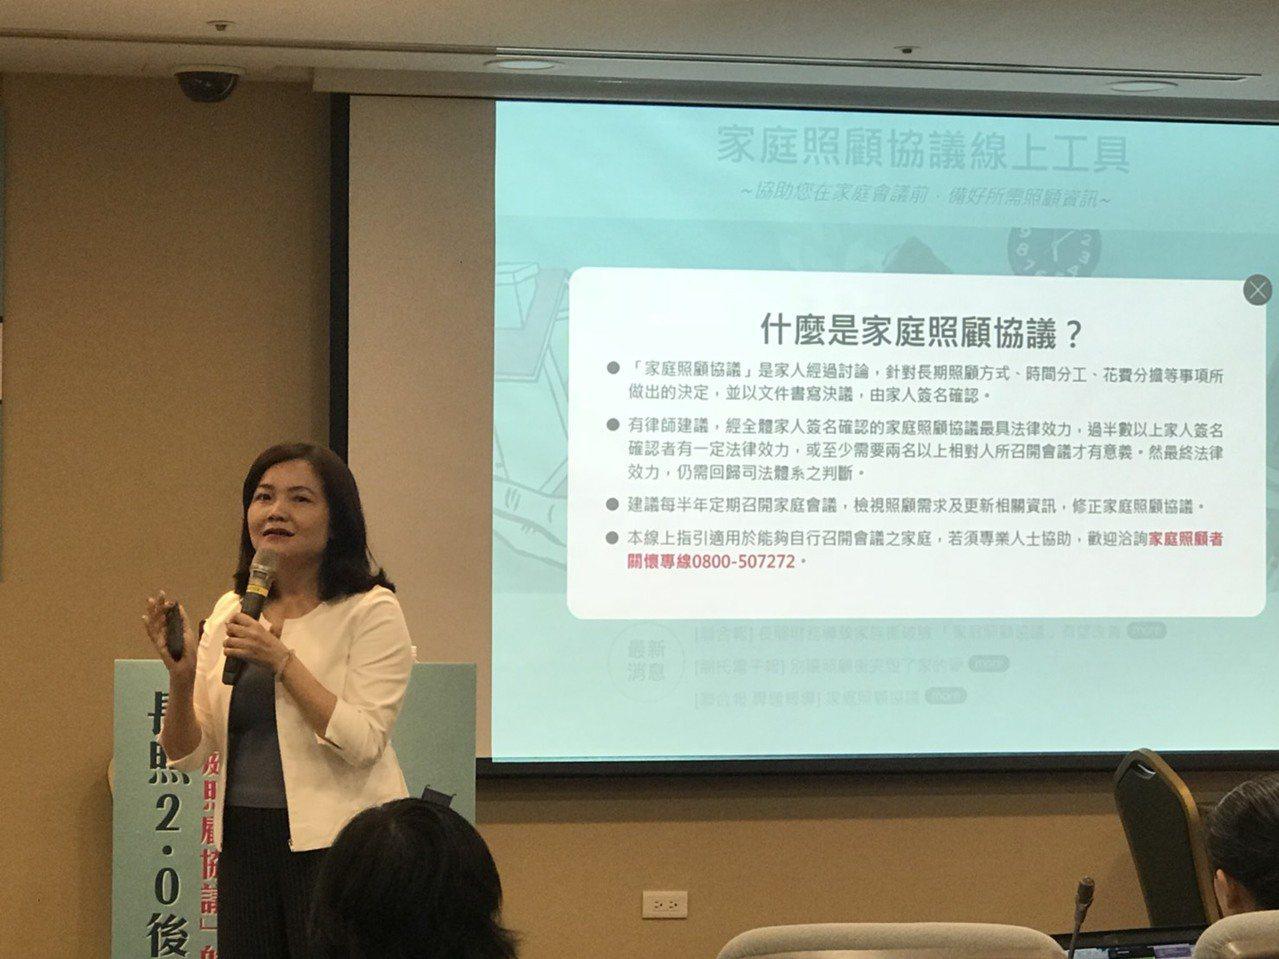 家總秘書長陳景寧表示,每個家庭都應定期舉行家庭照顧會議,凝聚家庭成員對於照顧長者...